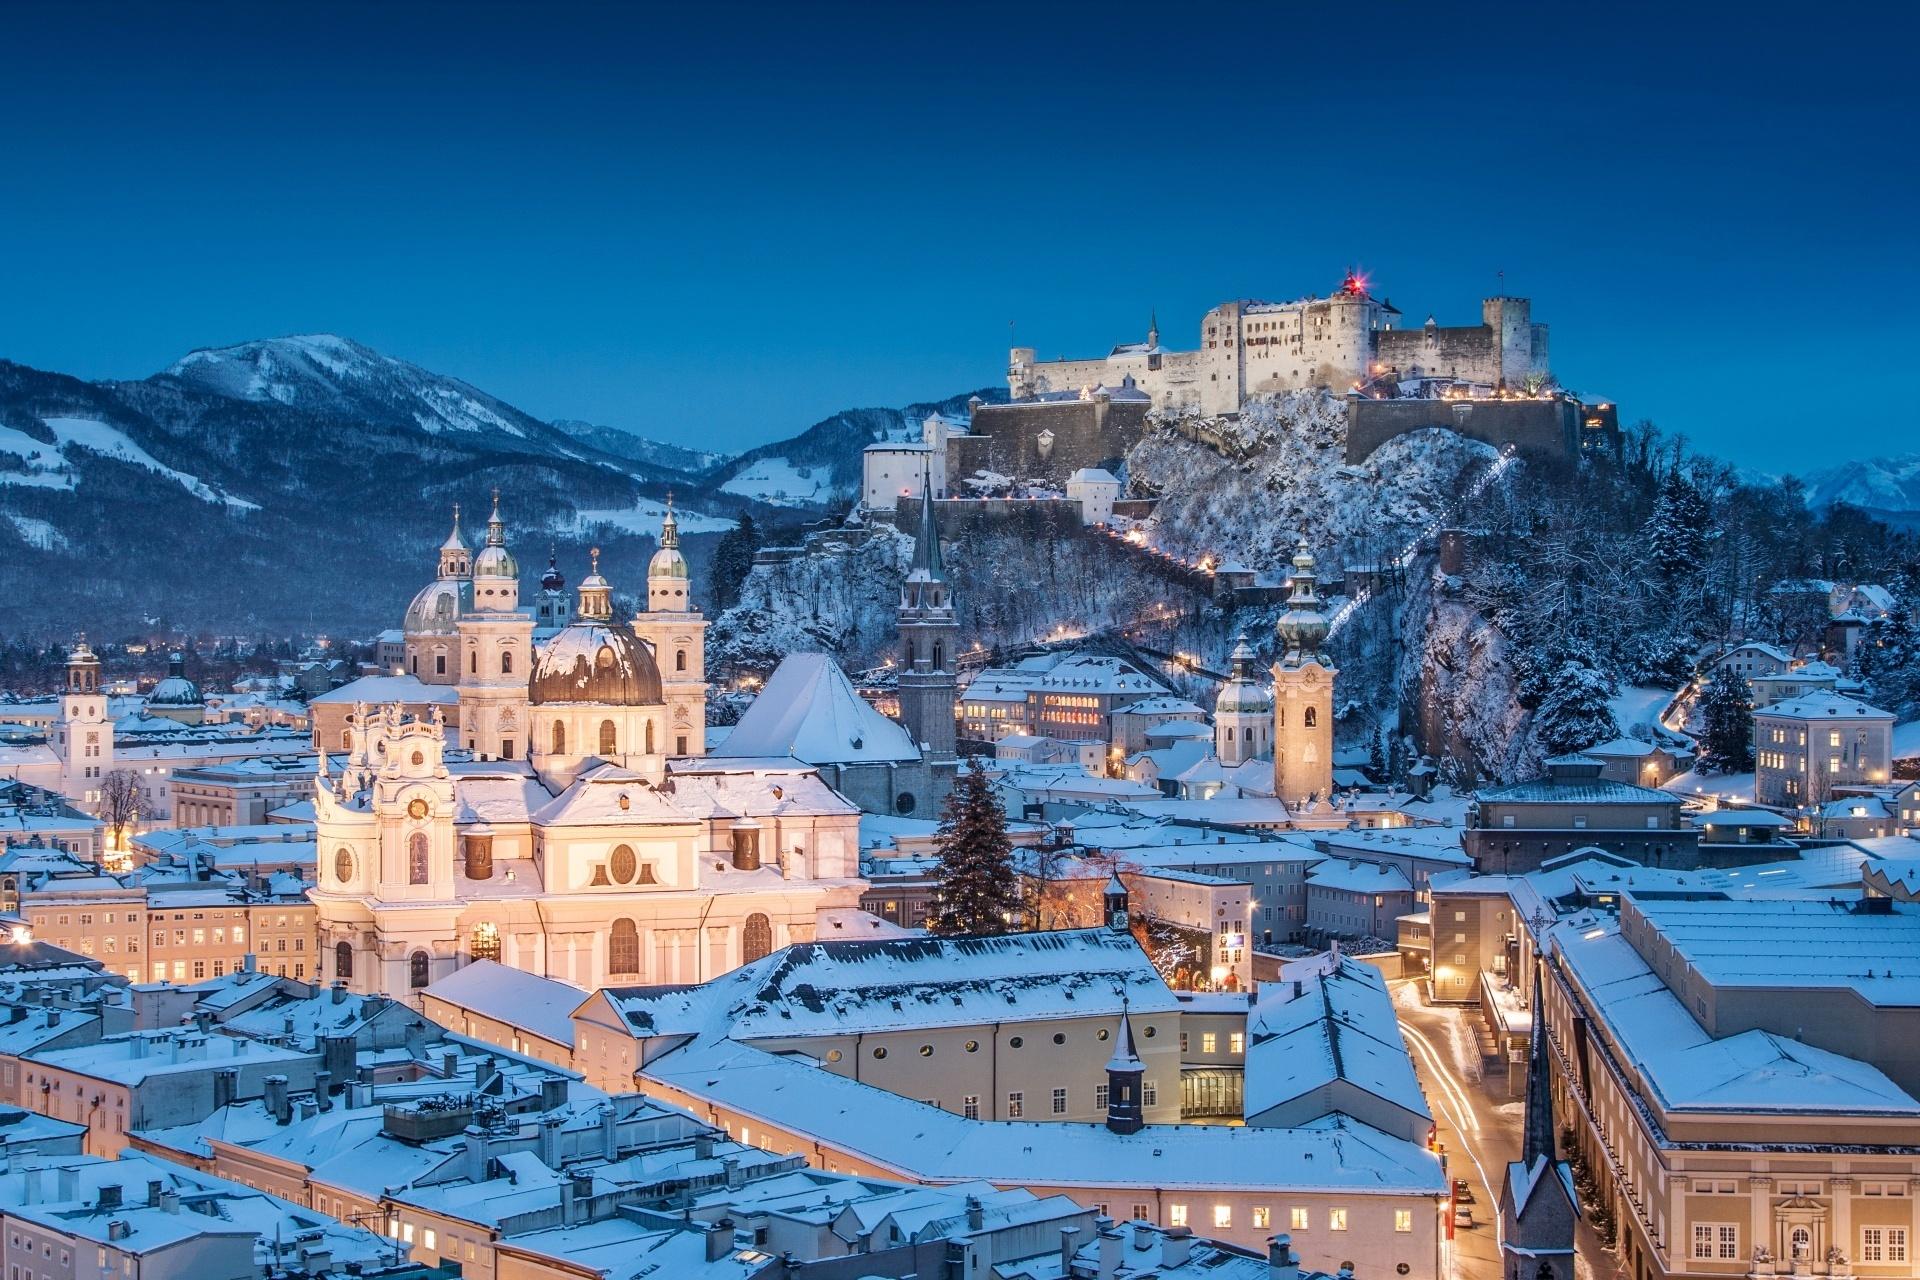 クリスマスのザルツブルク 夕暮れのザルツブルク大聖堂とホーエンザルツブルク城 オーストリアの風景